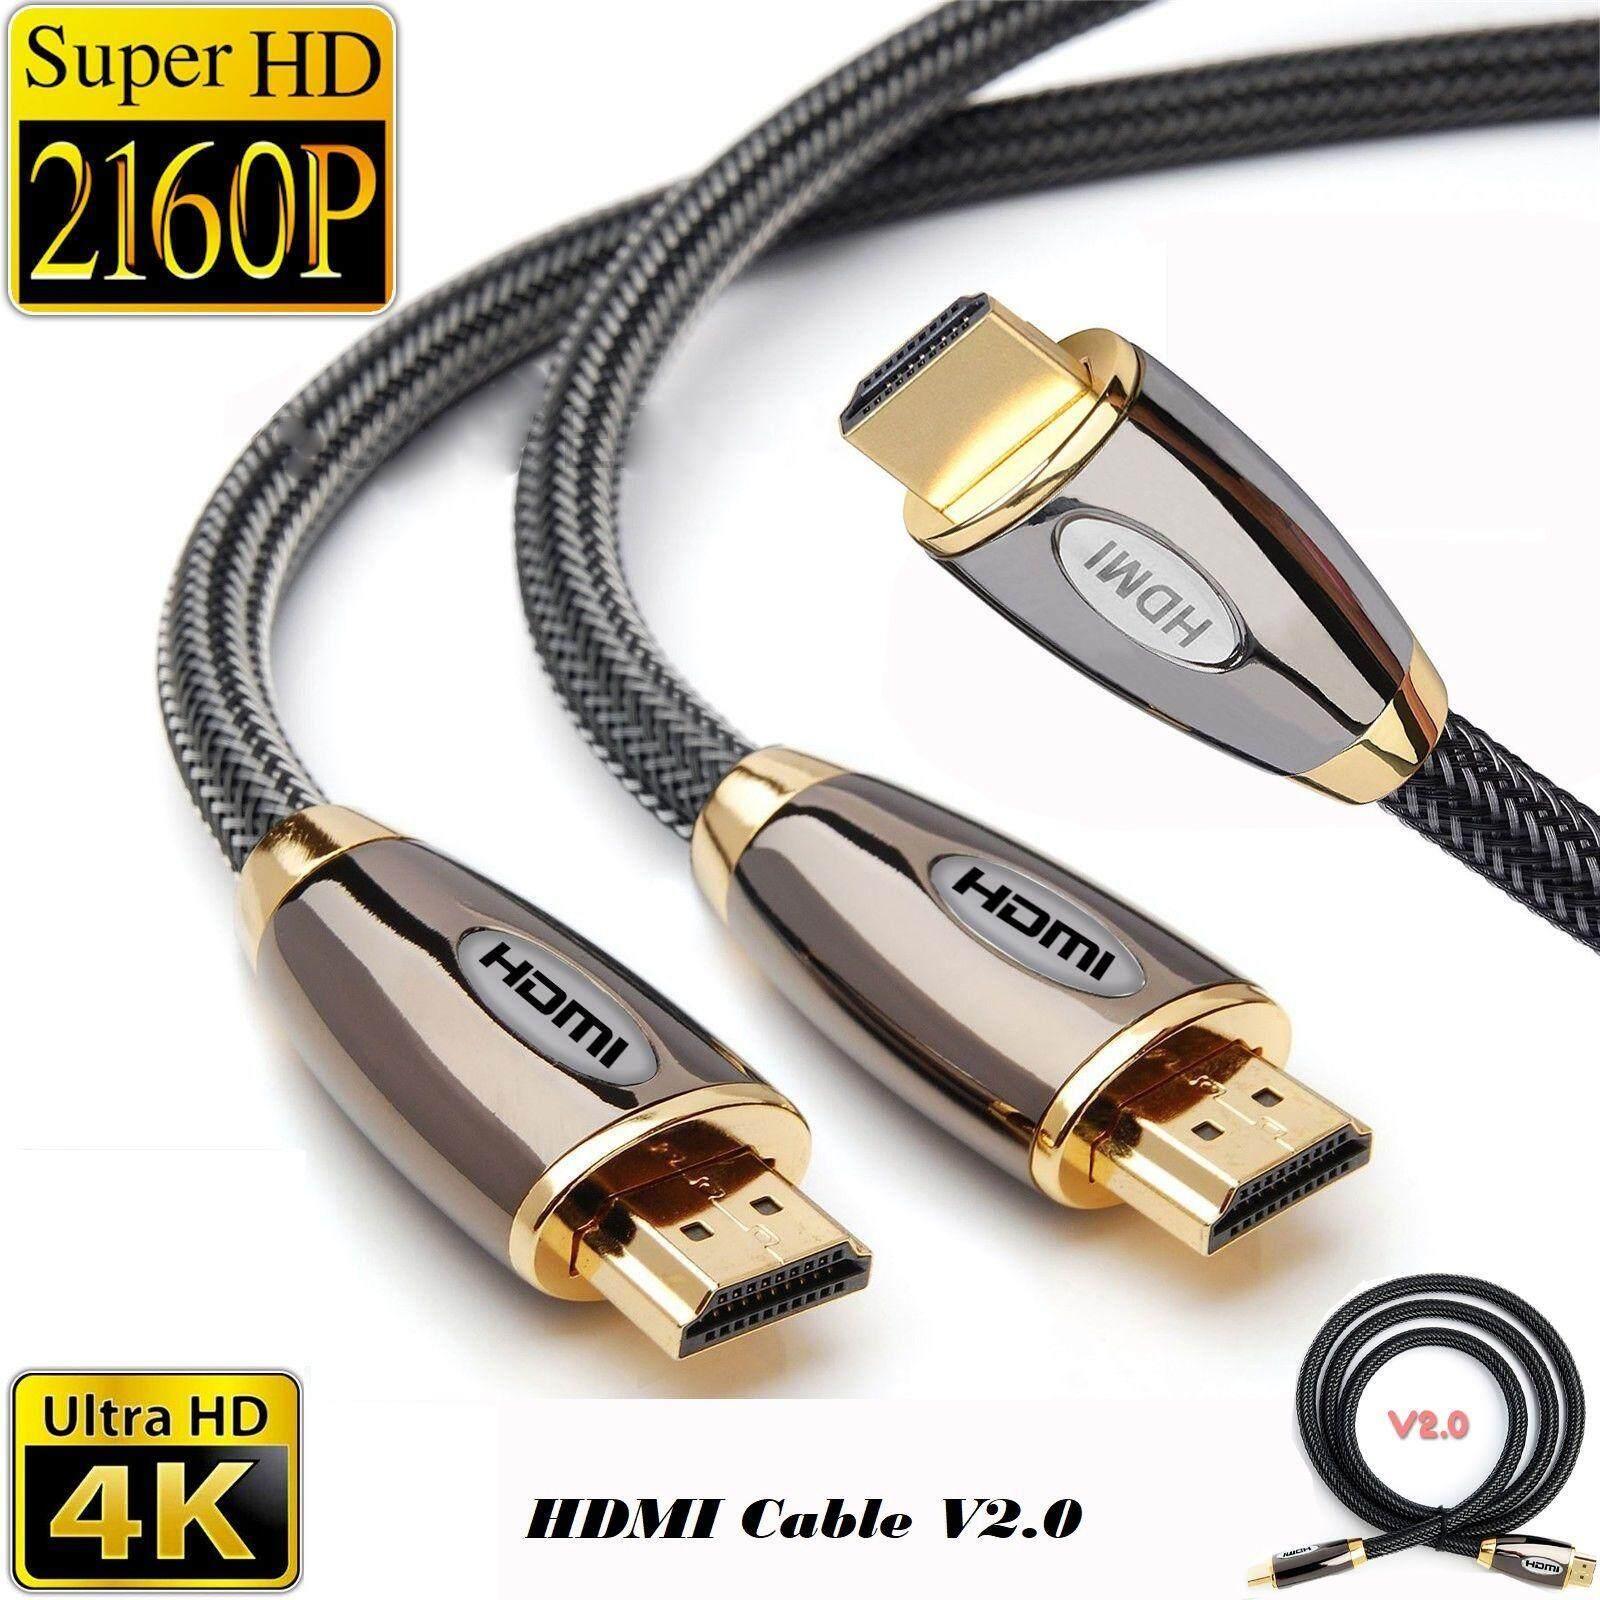 Adilink สาย Hdmi เวอร์ชั่น 2.0 รองรับ 4k, 3d High Speed ใช้ได้กับ โทรทัศน์ คอมพิวเตอร์ และ อุปกรณ์ทุกอย่างที่มีช่อง Hdmi Cable V2.0 - 3 เมตร.